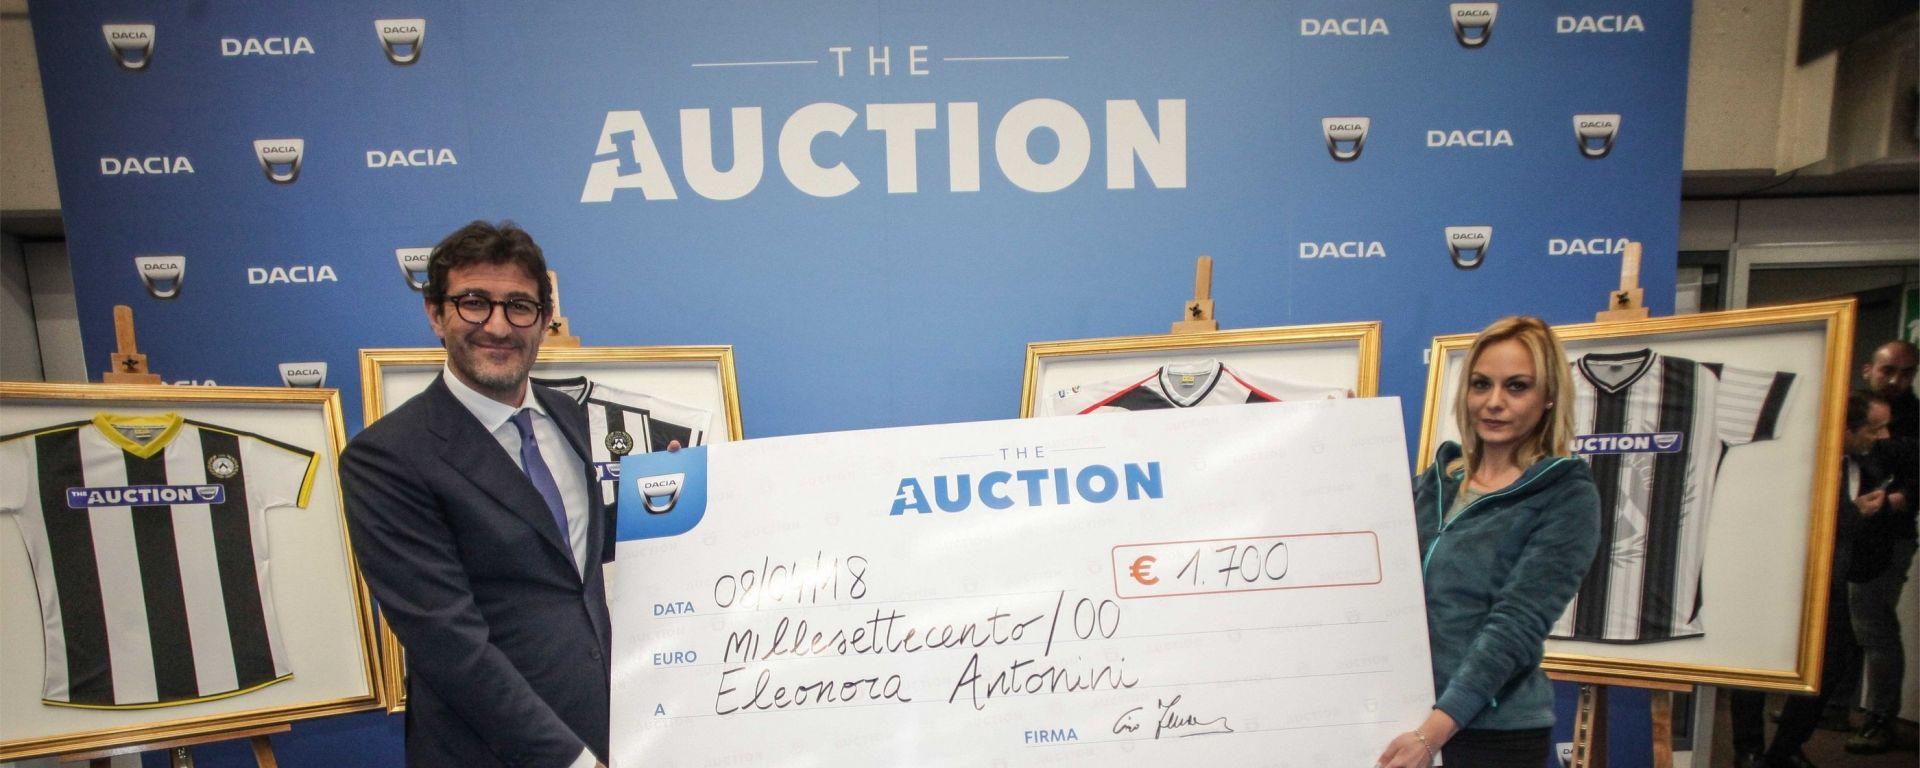 Dacia The Auction: non solo calcio a Udinese-Lazio